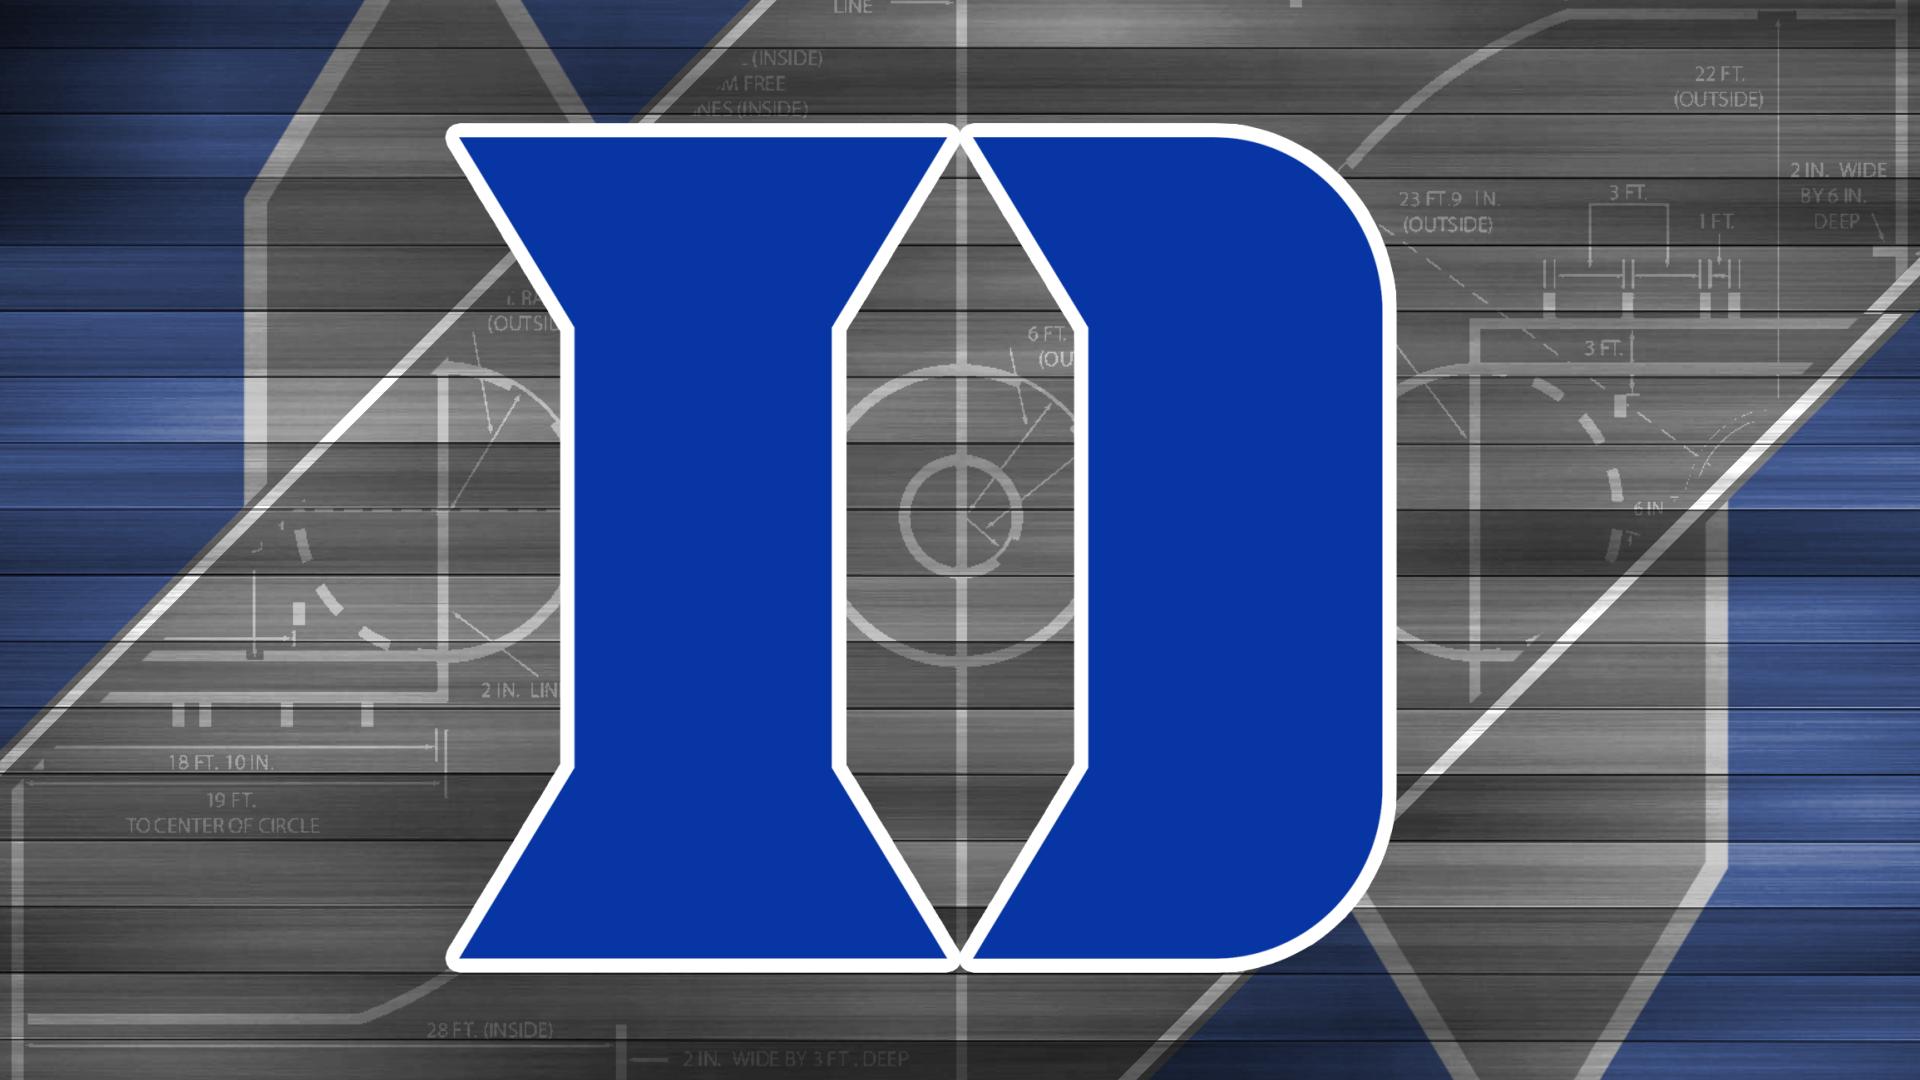 Duke Basketball PNG - 145120